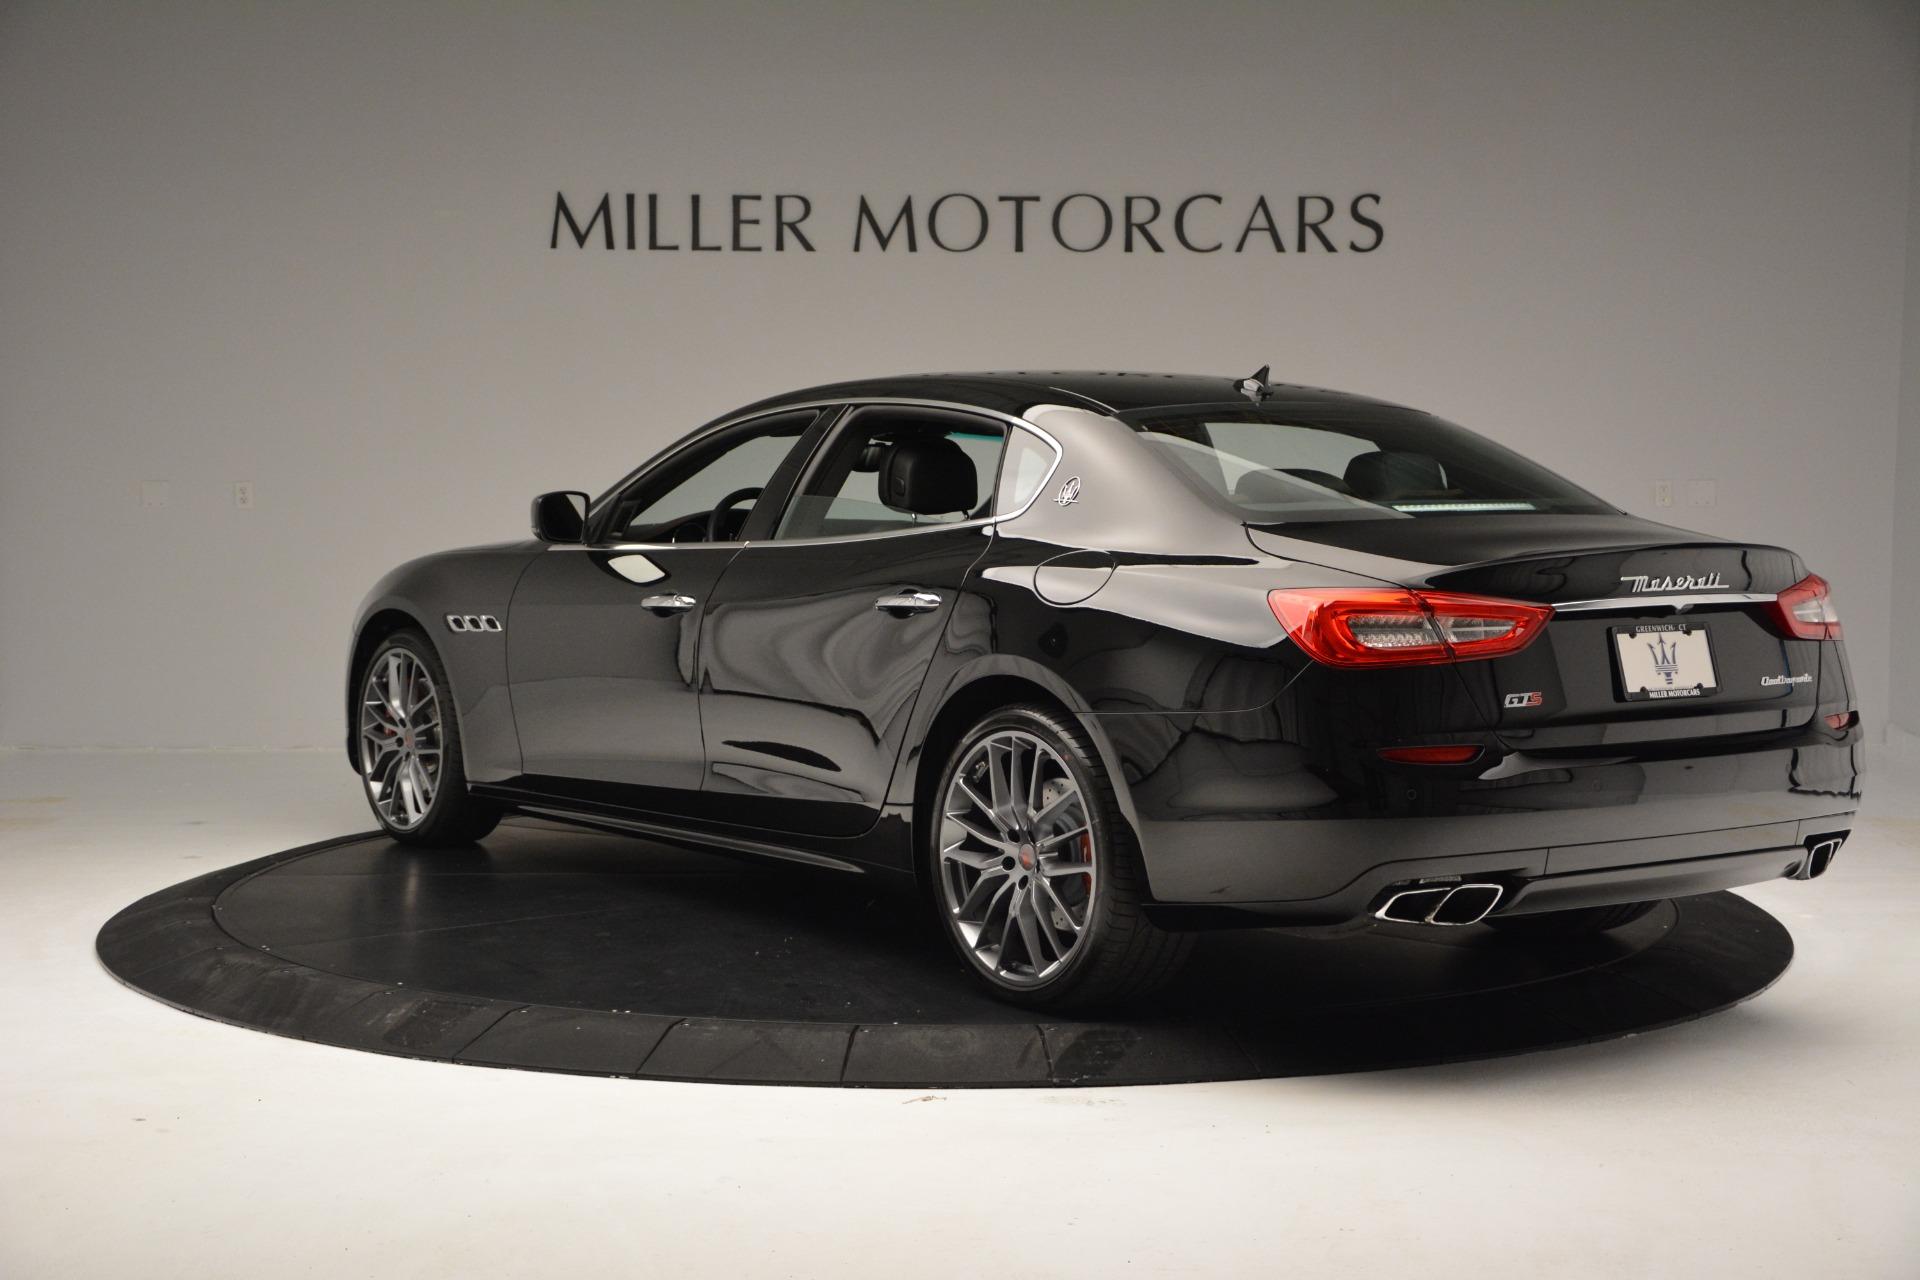 Used 2015 Maserati Quattroporte GTS For Sale In Greenwich, CT 2993_p5